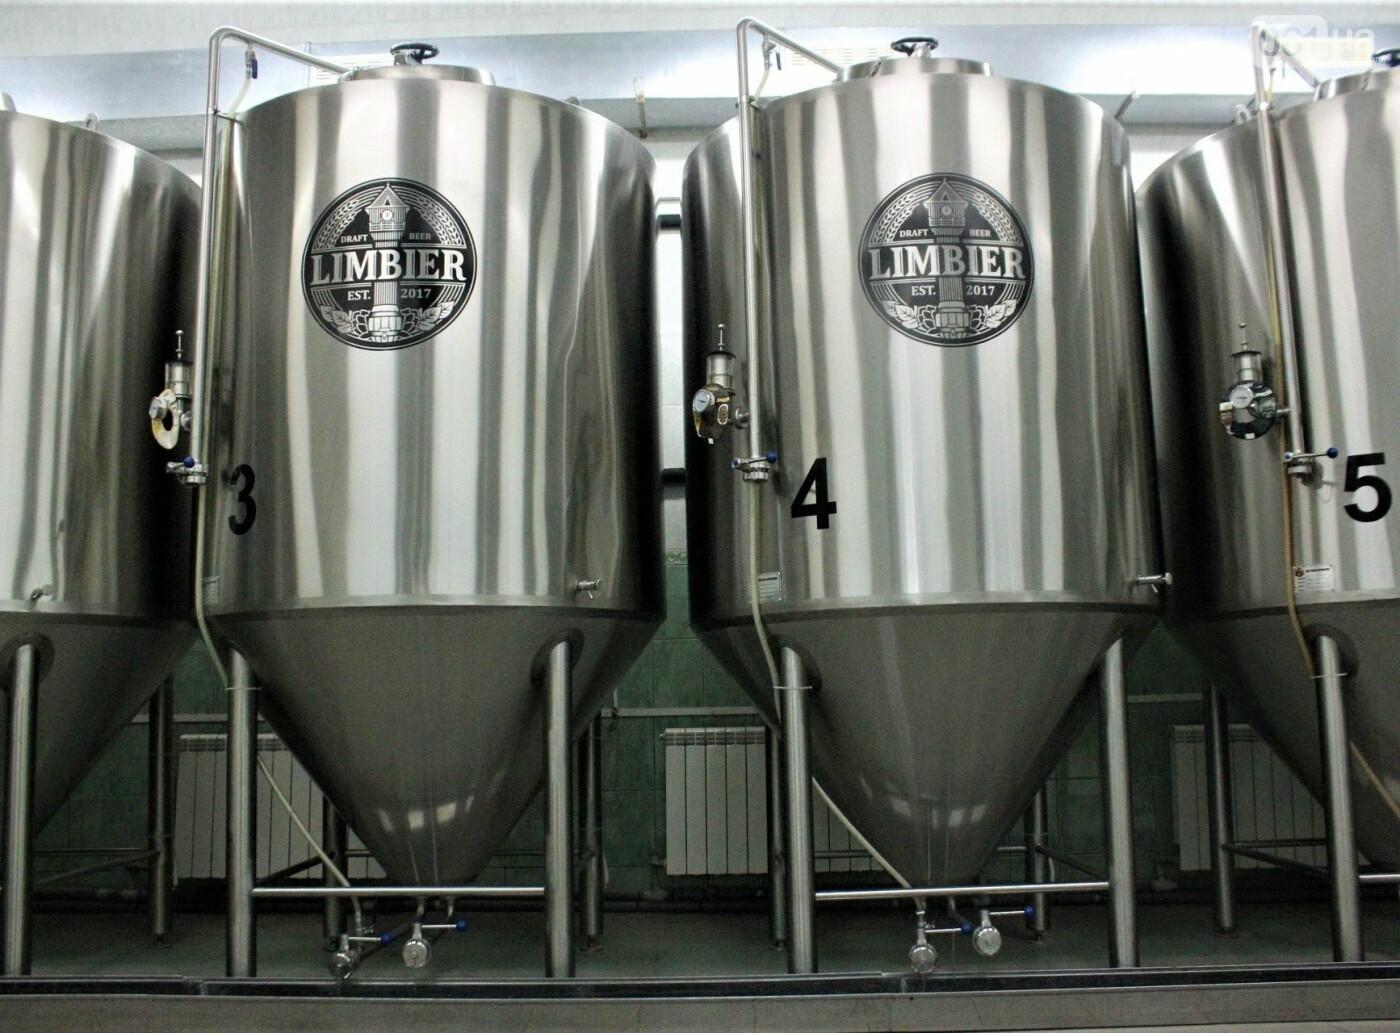 Как в Запорожье готовят крафтовое пиво «Limbier»: экскурсия на производство, – ФОТОРЕПОРТАЖ, фото-12